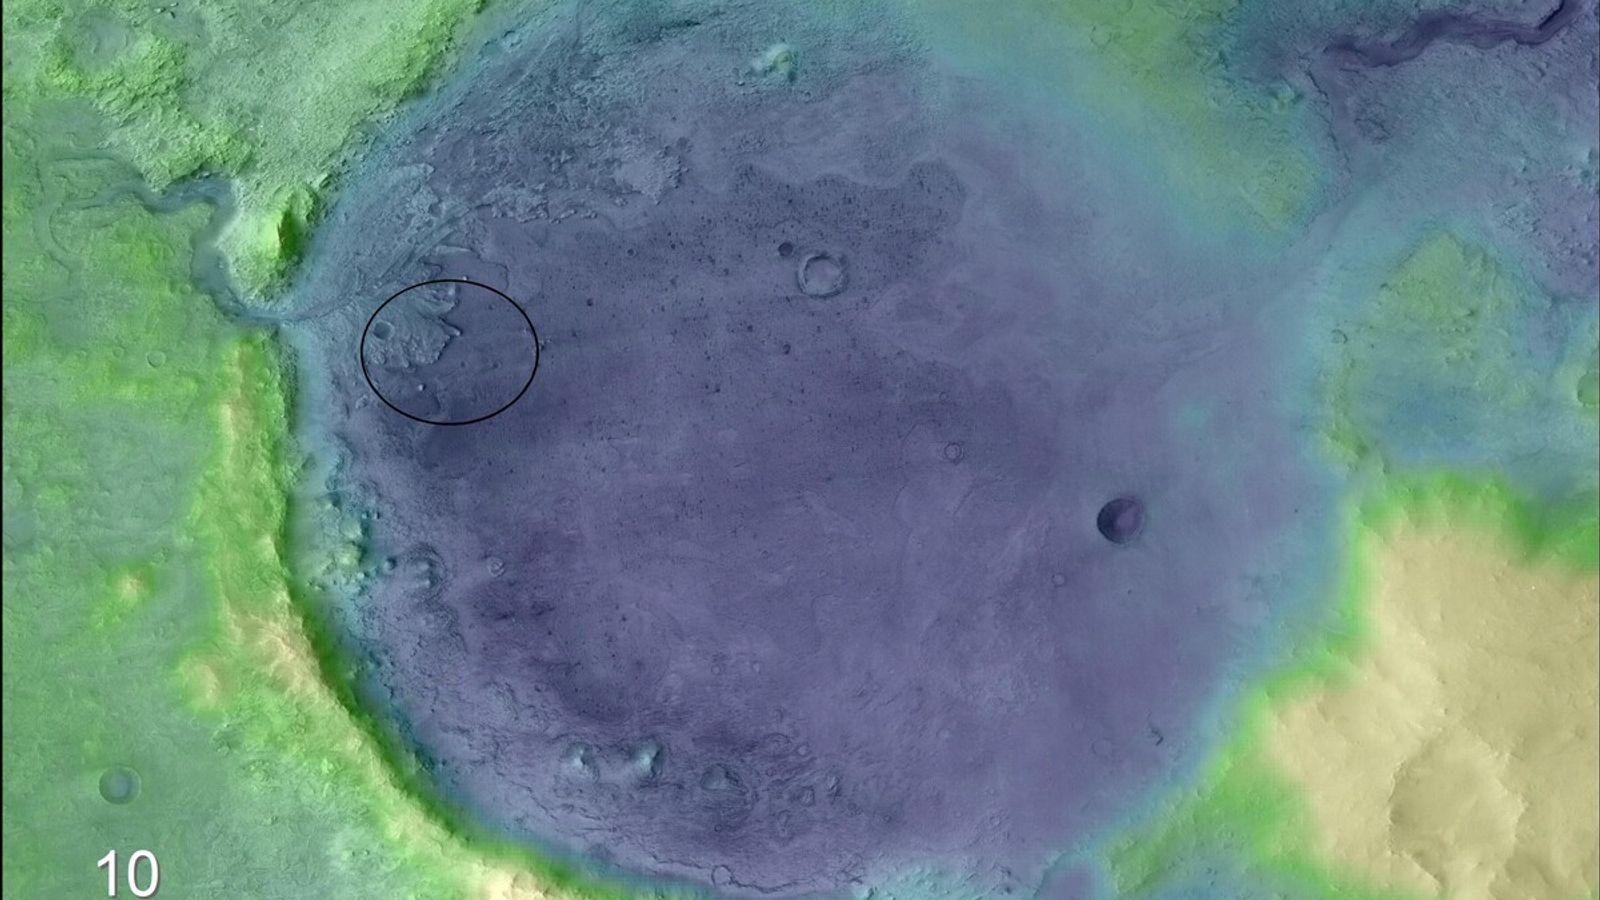 La couleur ajoutée à cette image permet de faire ressortir clairement le bord du cratère et ...